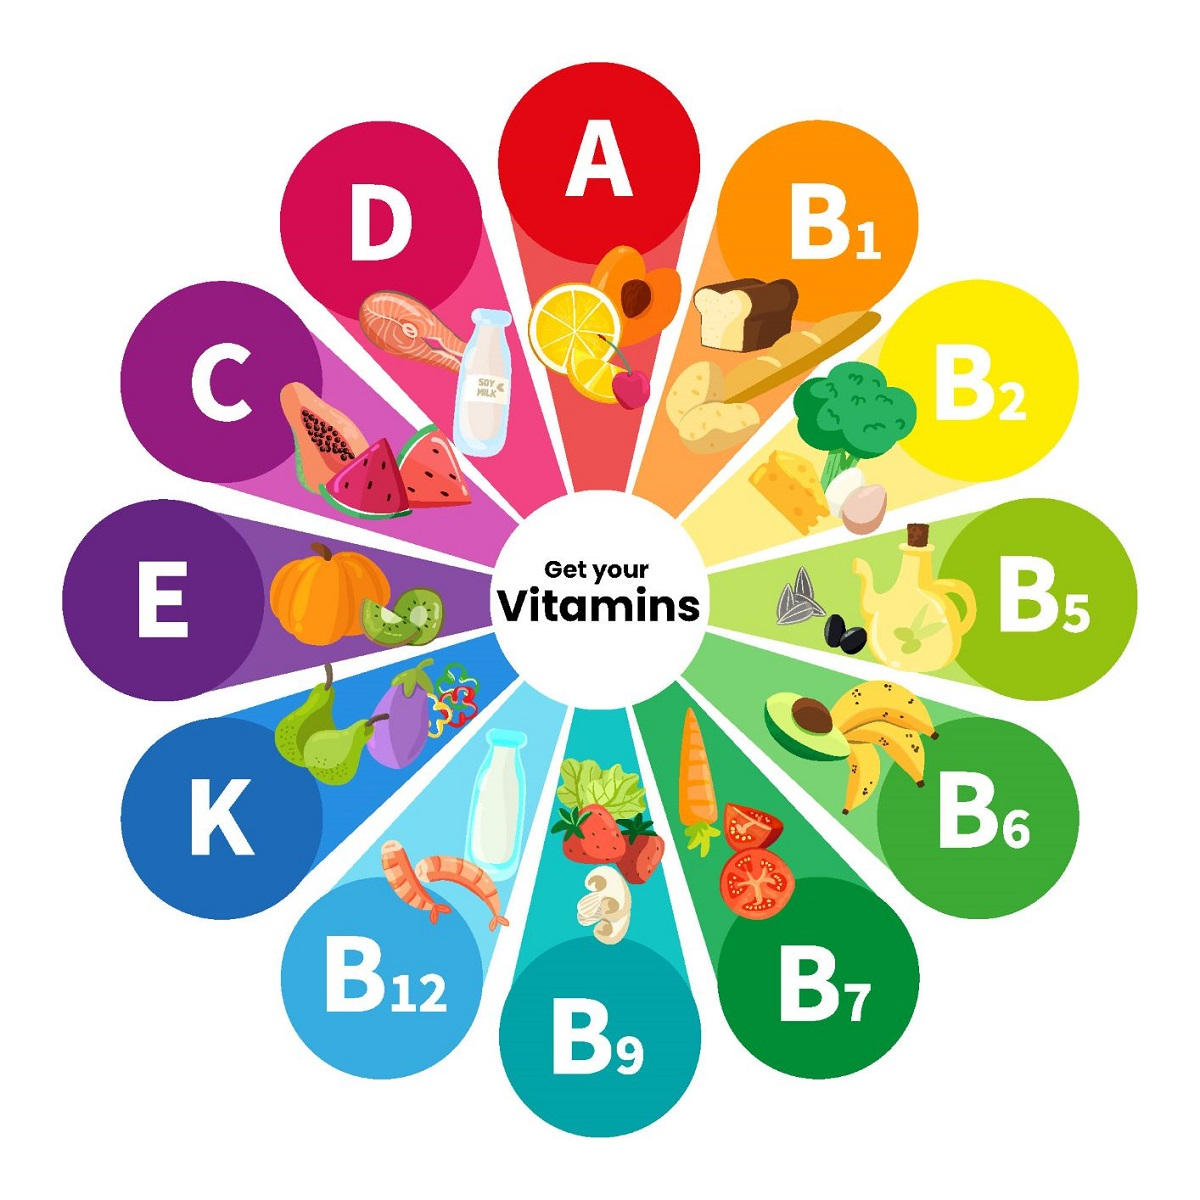 Víte, kdy je nejlepší užívat vitamíny?